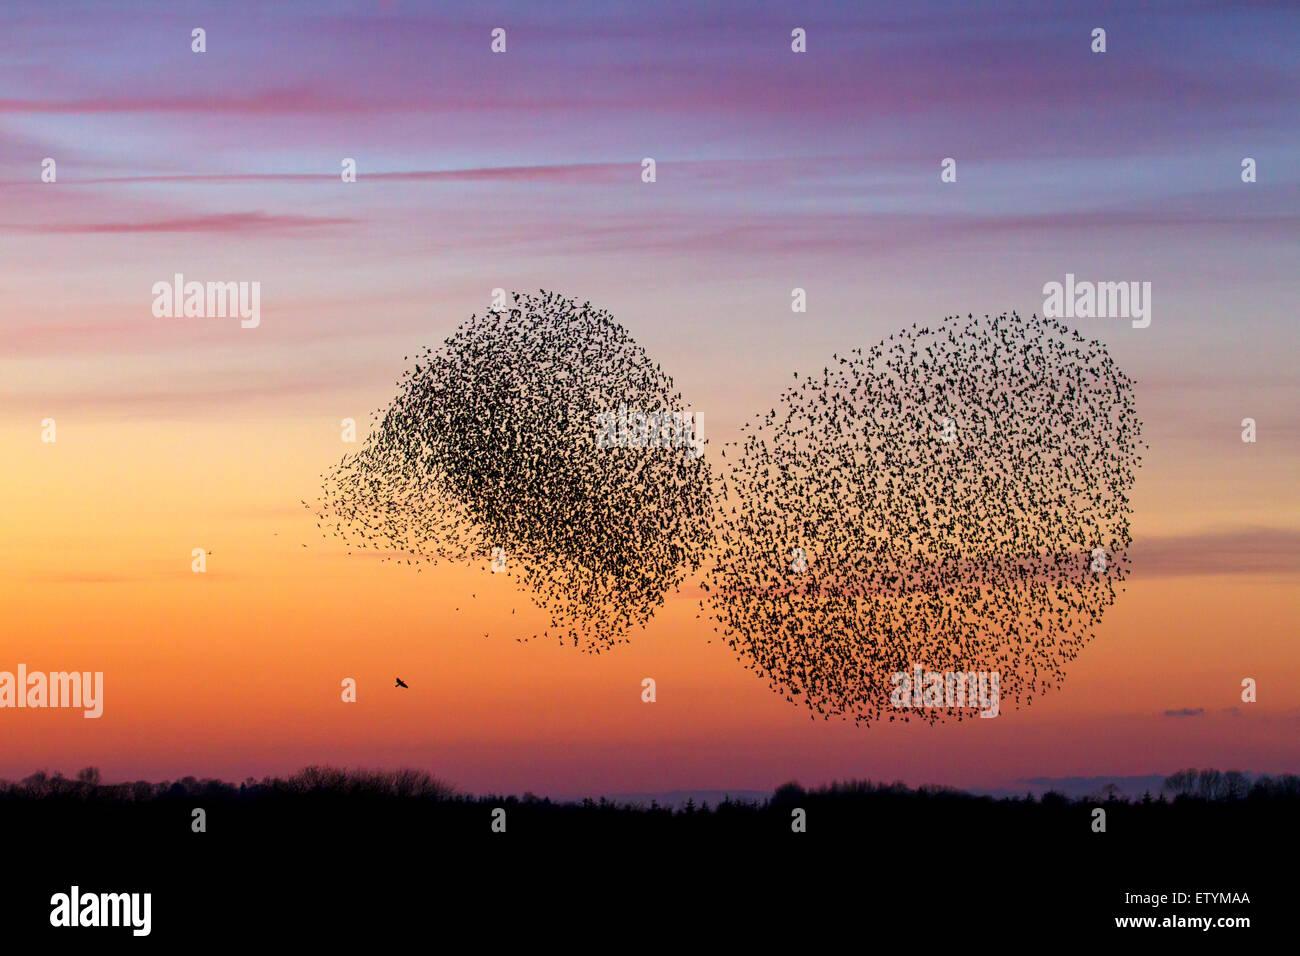 Zwei europäische Starling Murmurations / große Herde von gemeinsamen Stare (Sturnus Vulgaris) und Raubvogel Stockbild